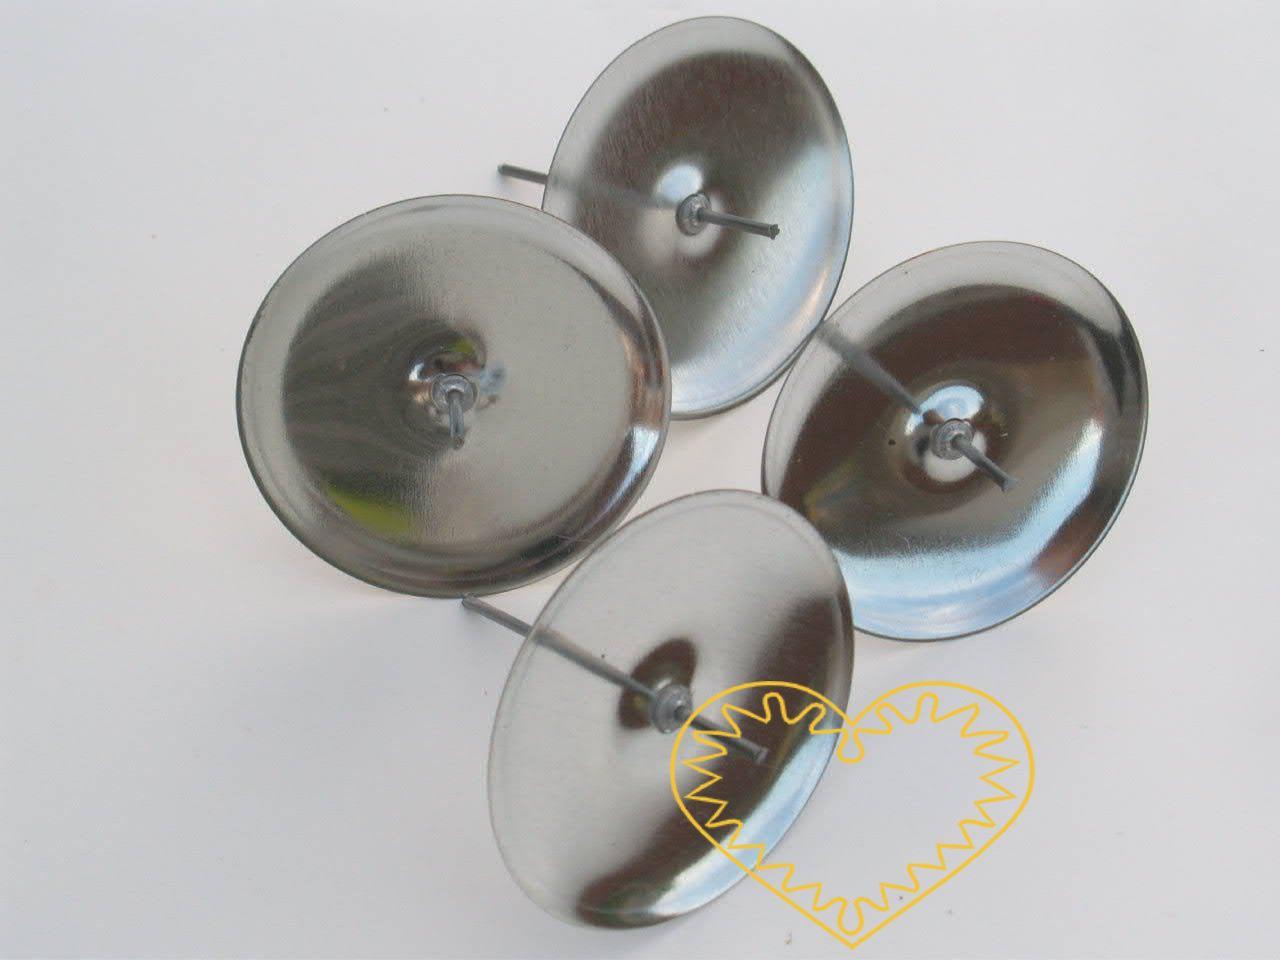 Velký stříbrný bodec - svícen na aranžování